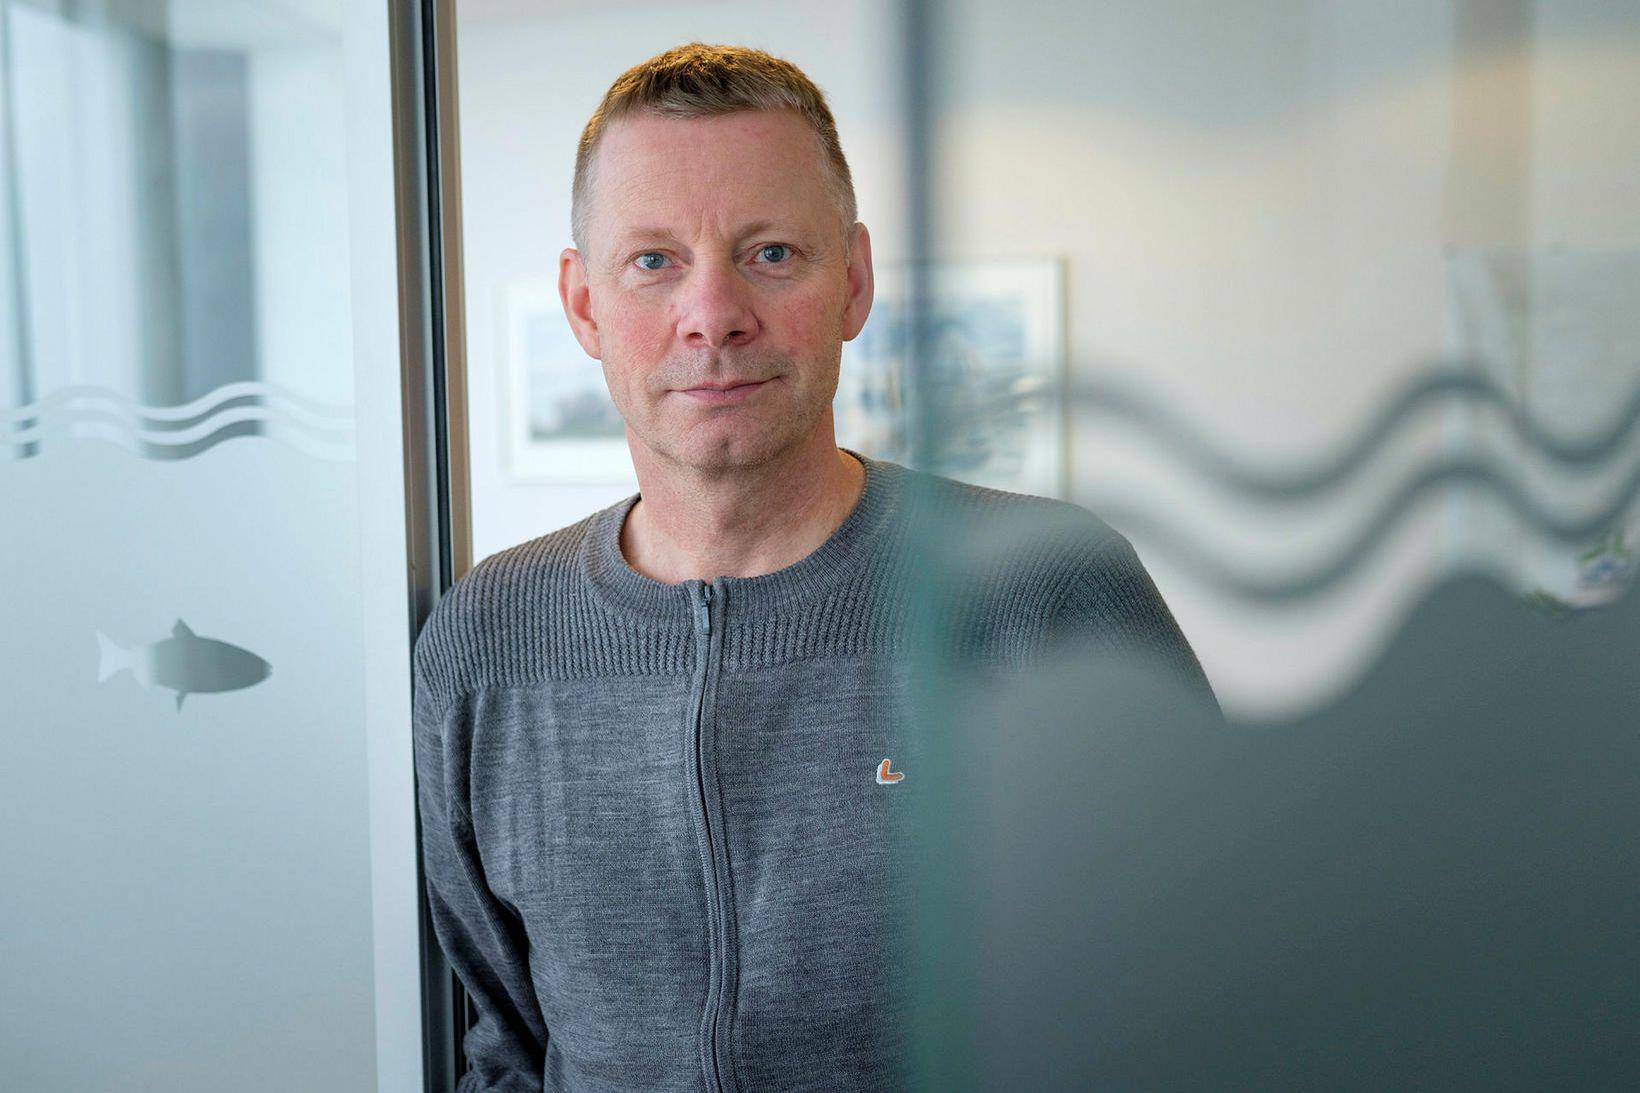 Björn Hembre, forstjóri Arnarlax, segir kaupin styðja áform fyrirtækisins um …